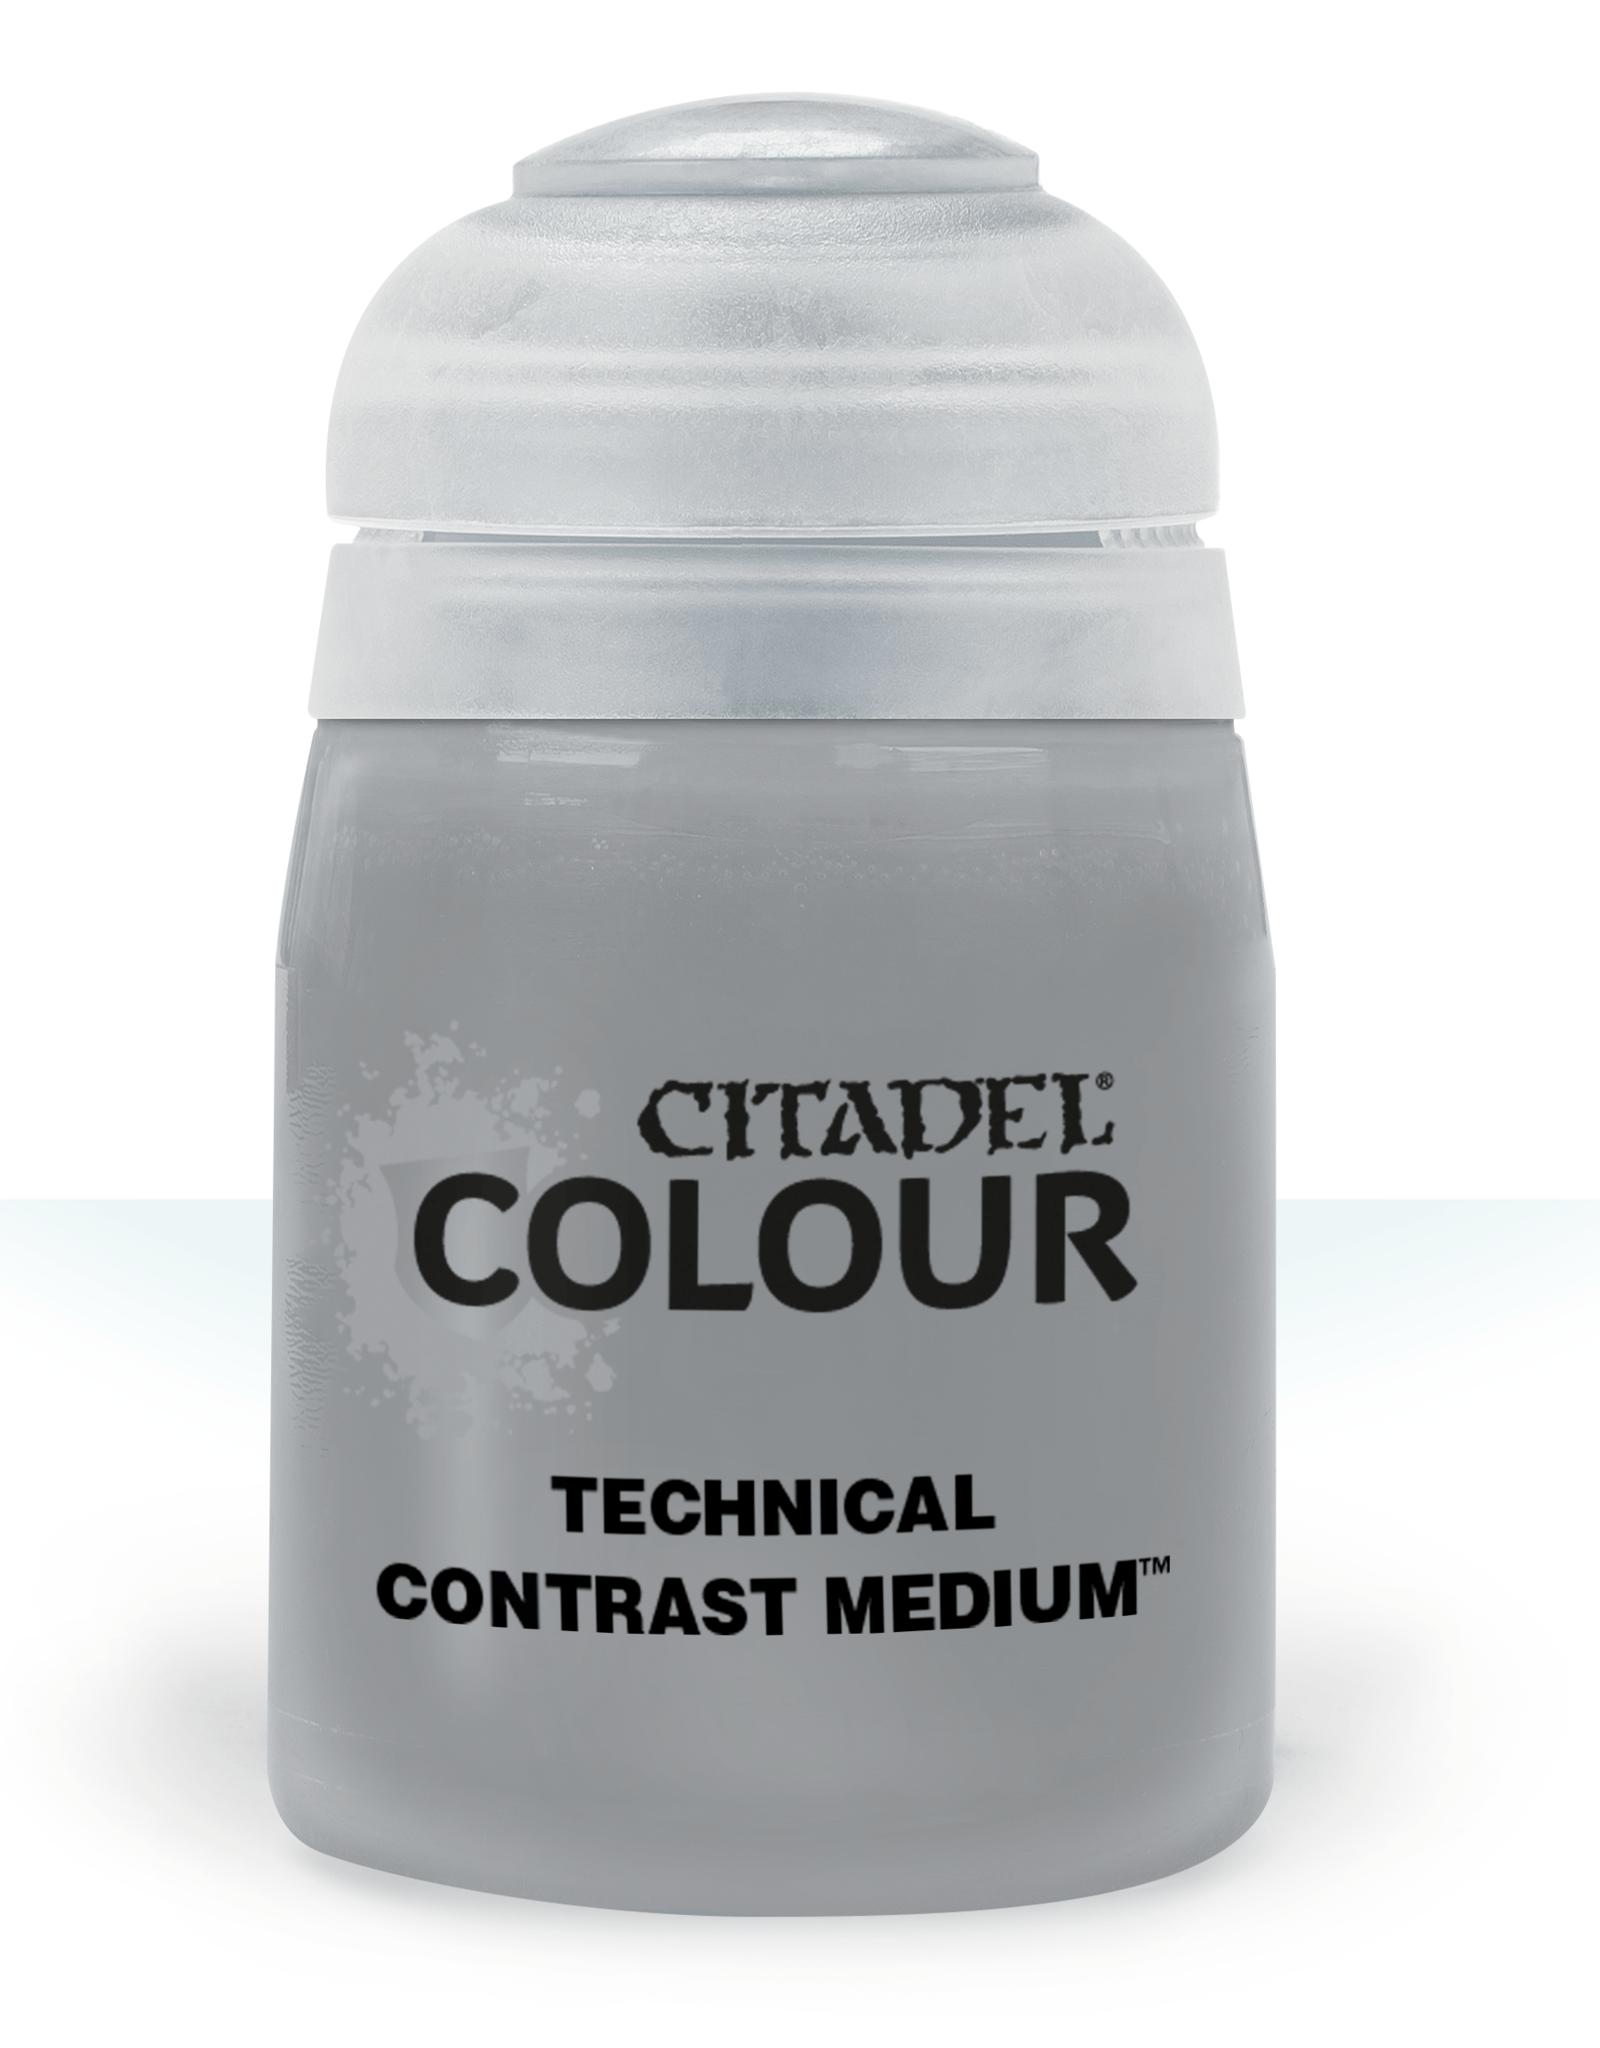 Games Workshop Citadel Technical: Contrast Medium (24ml)